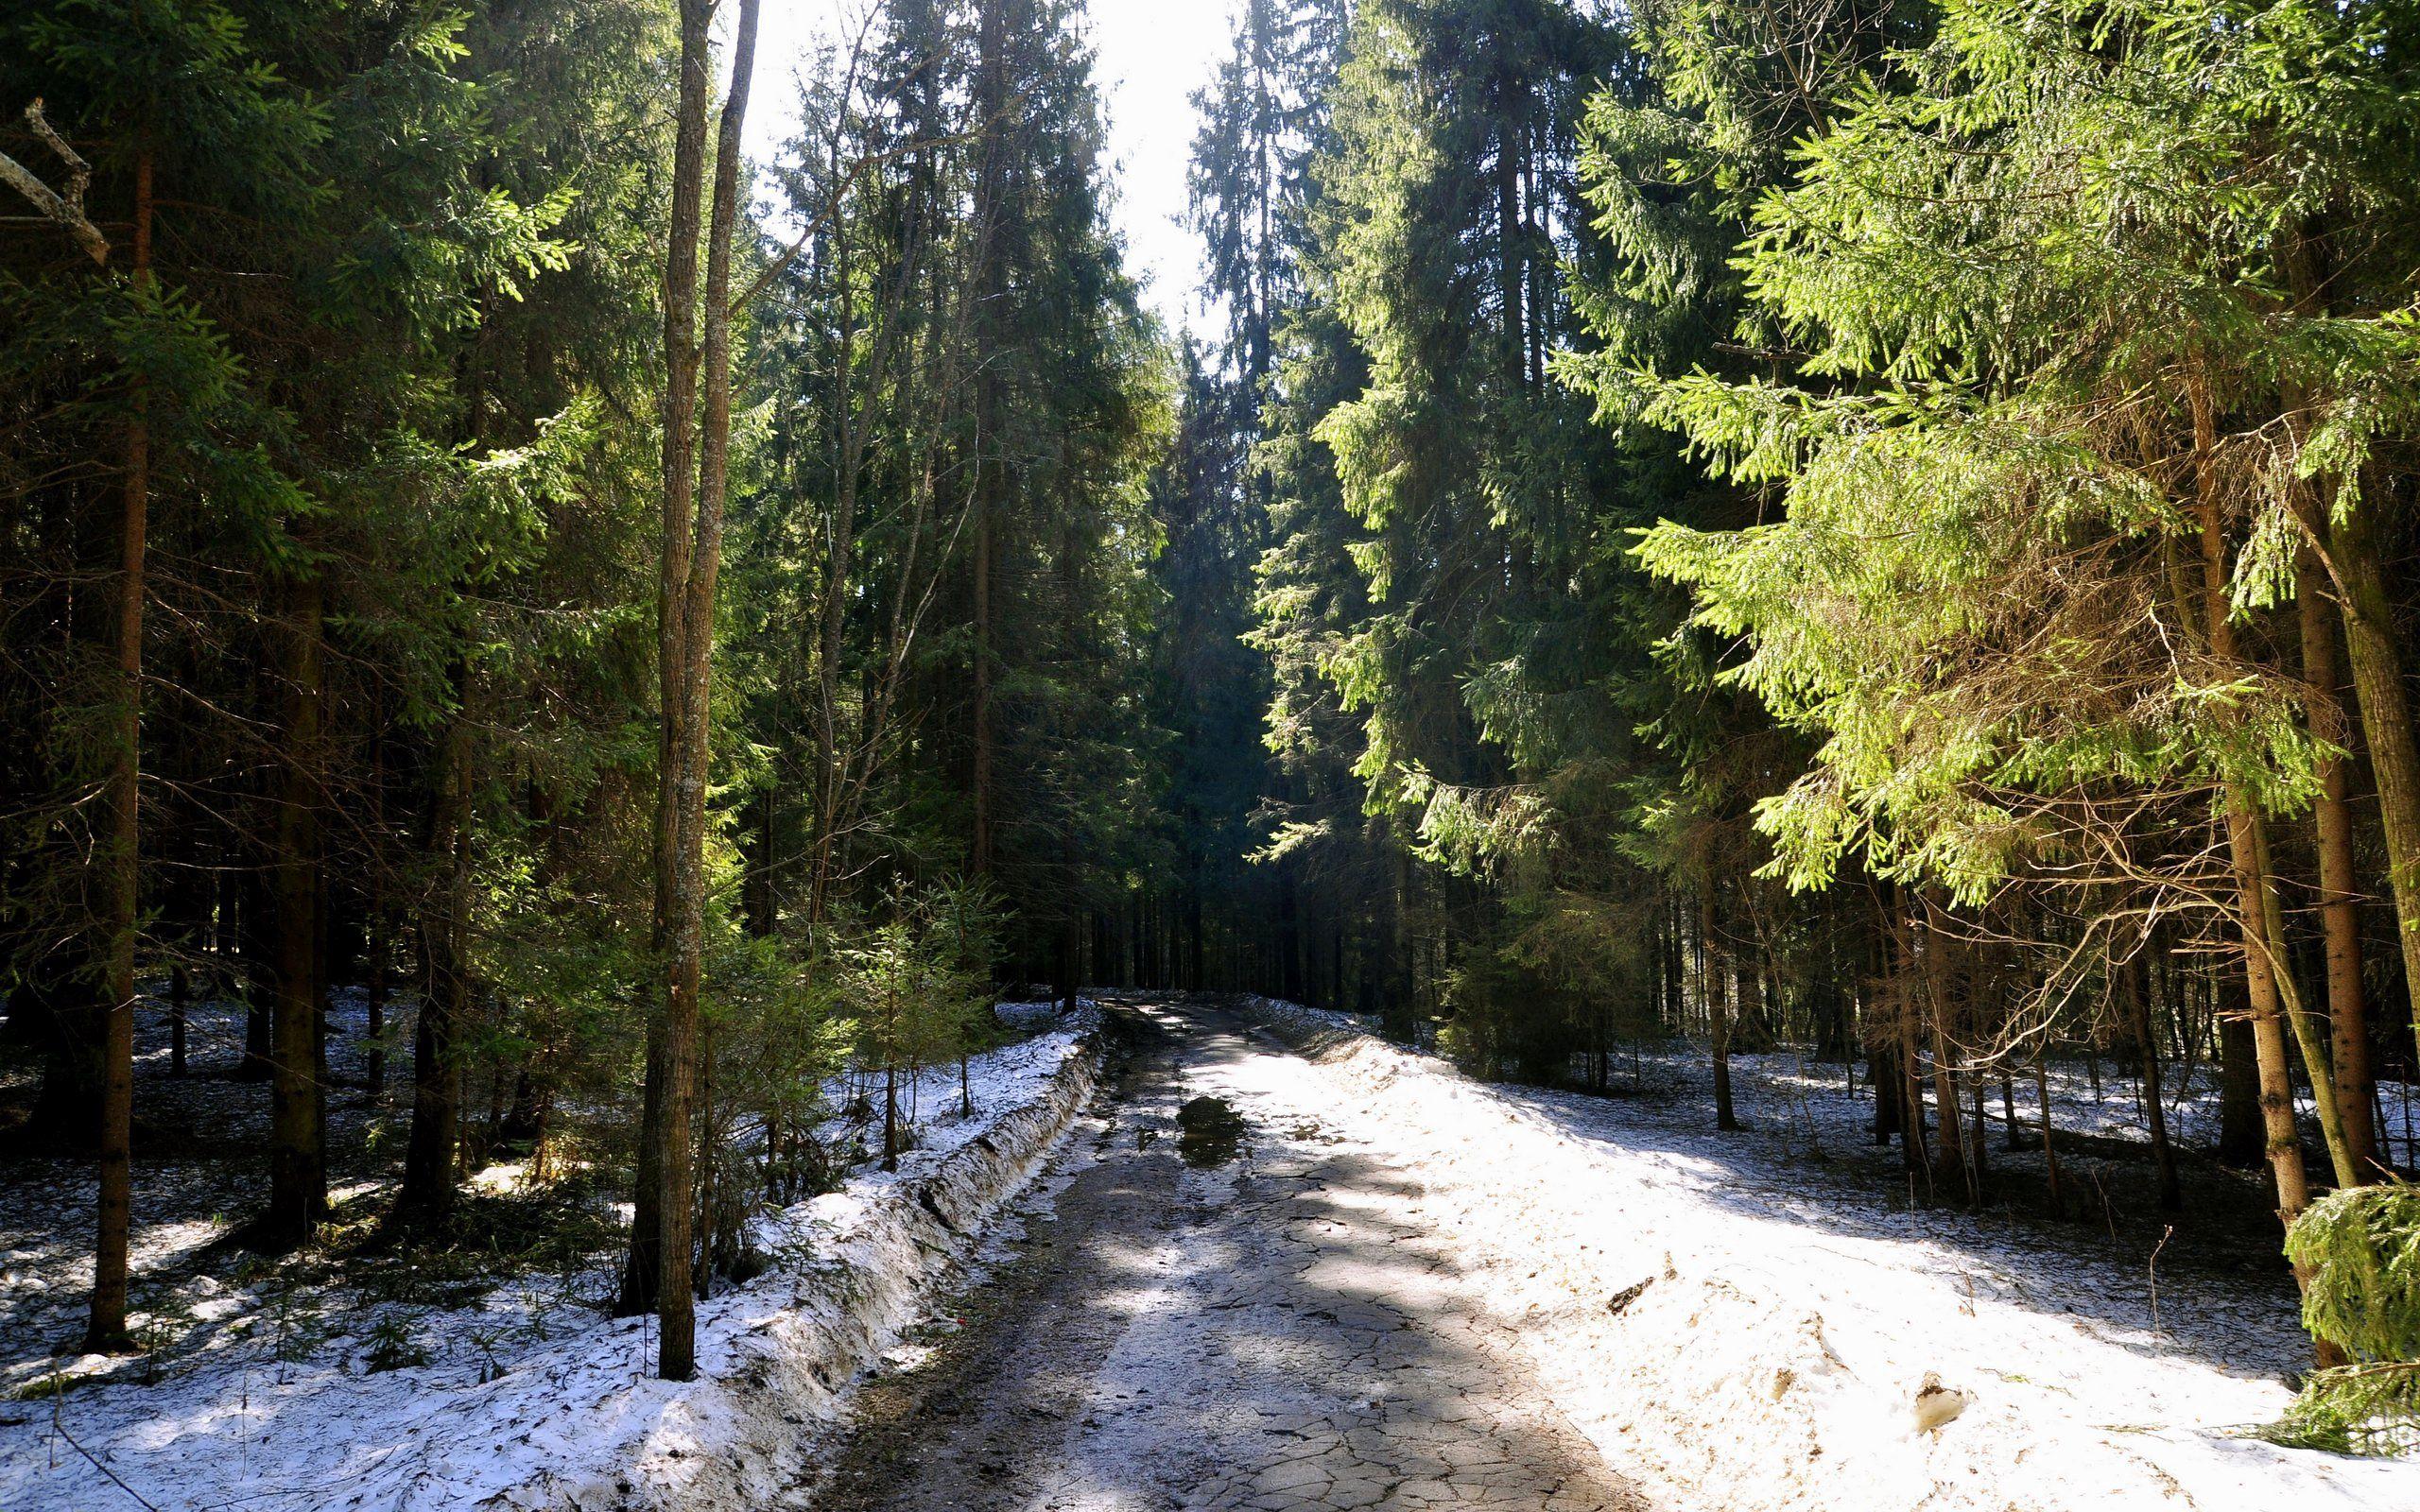 57970壁紙のダウンロード自然, 森林, 森, 道路, 道, 草, 泥, 垢, 雪-スクリーンセーバーと写真を無料で